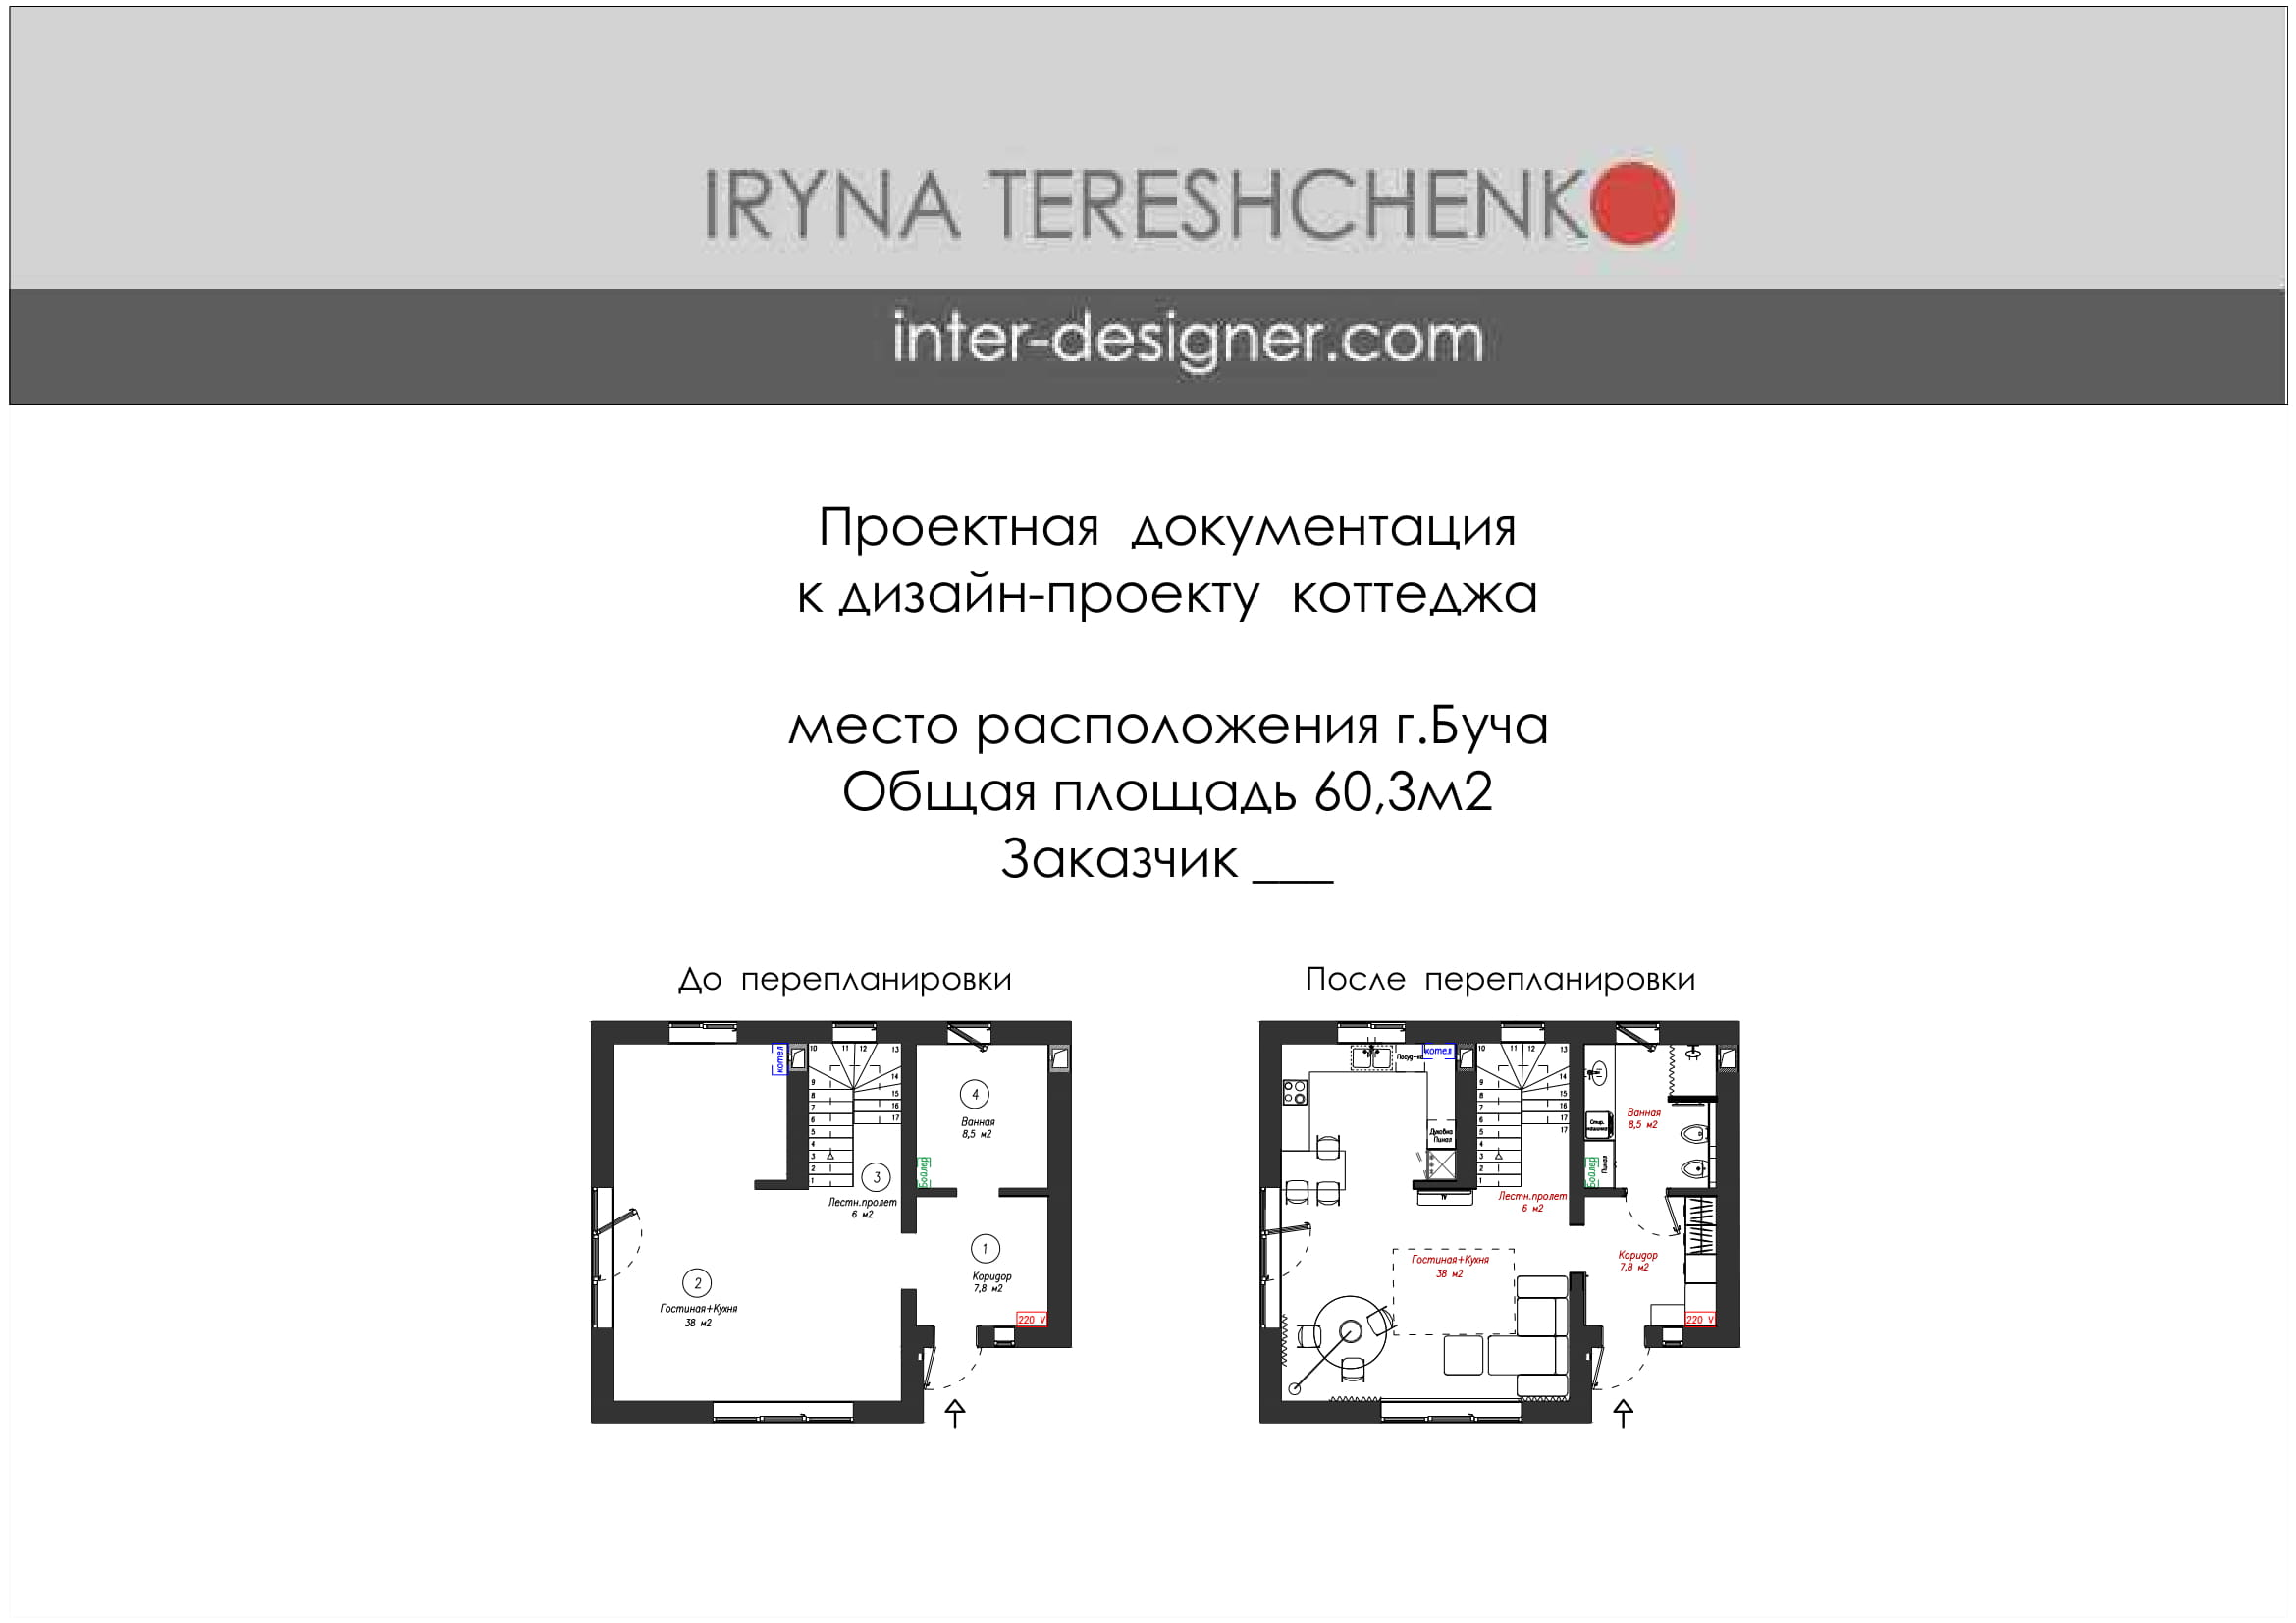 Дизайн проект. Ирина Терещенко. Пример пакета проектной документации, слайд 1